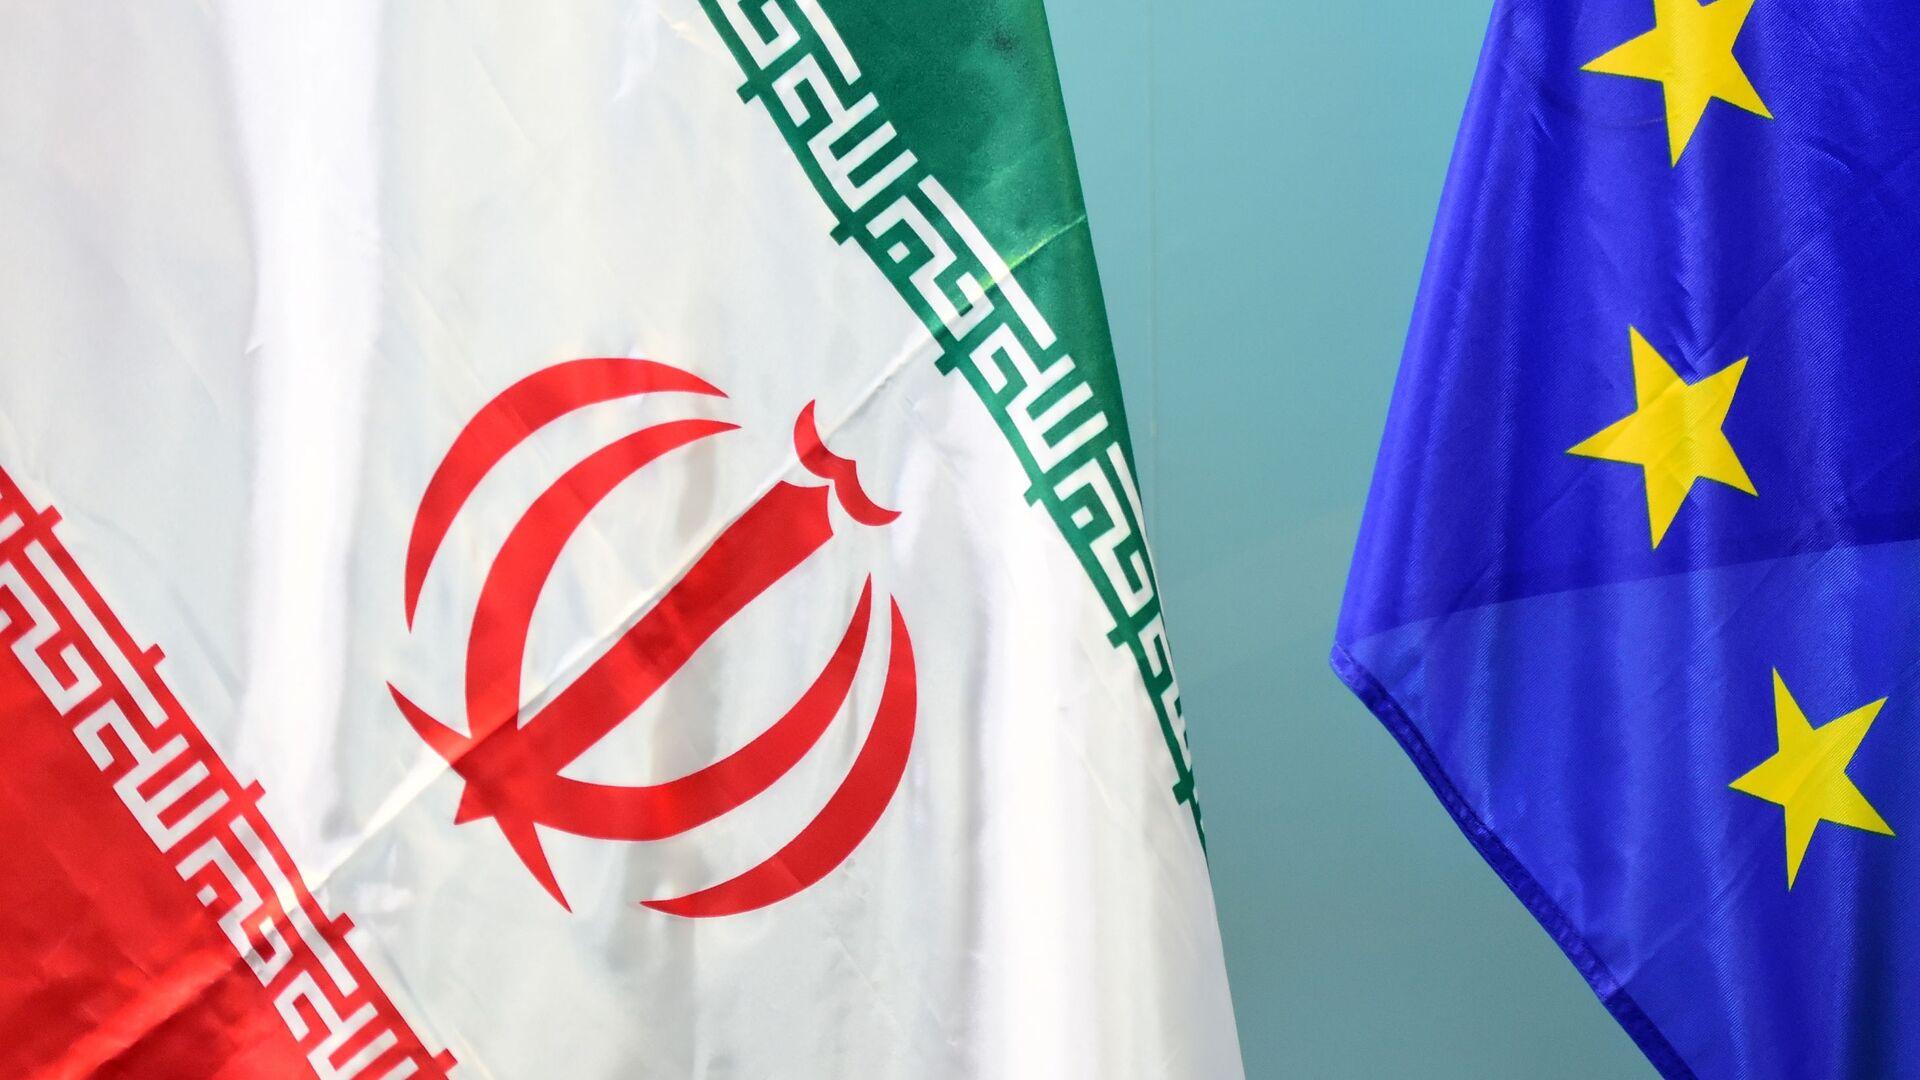 Флаги Ирана и ЕС, фото из архива - Sputnik Azərbaycan, 1920, 13.10.2021